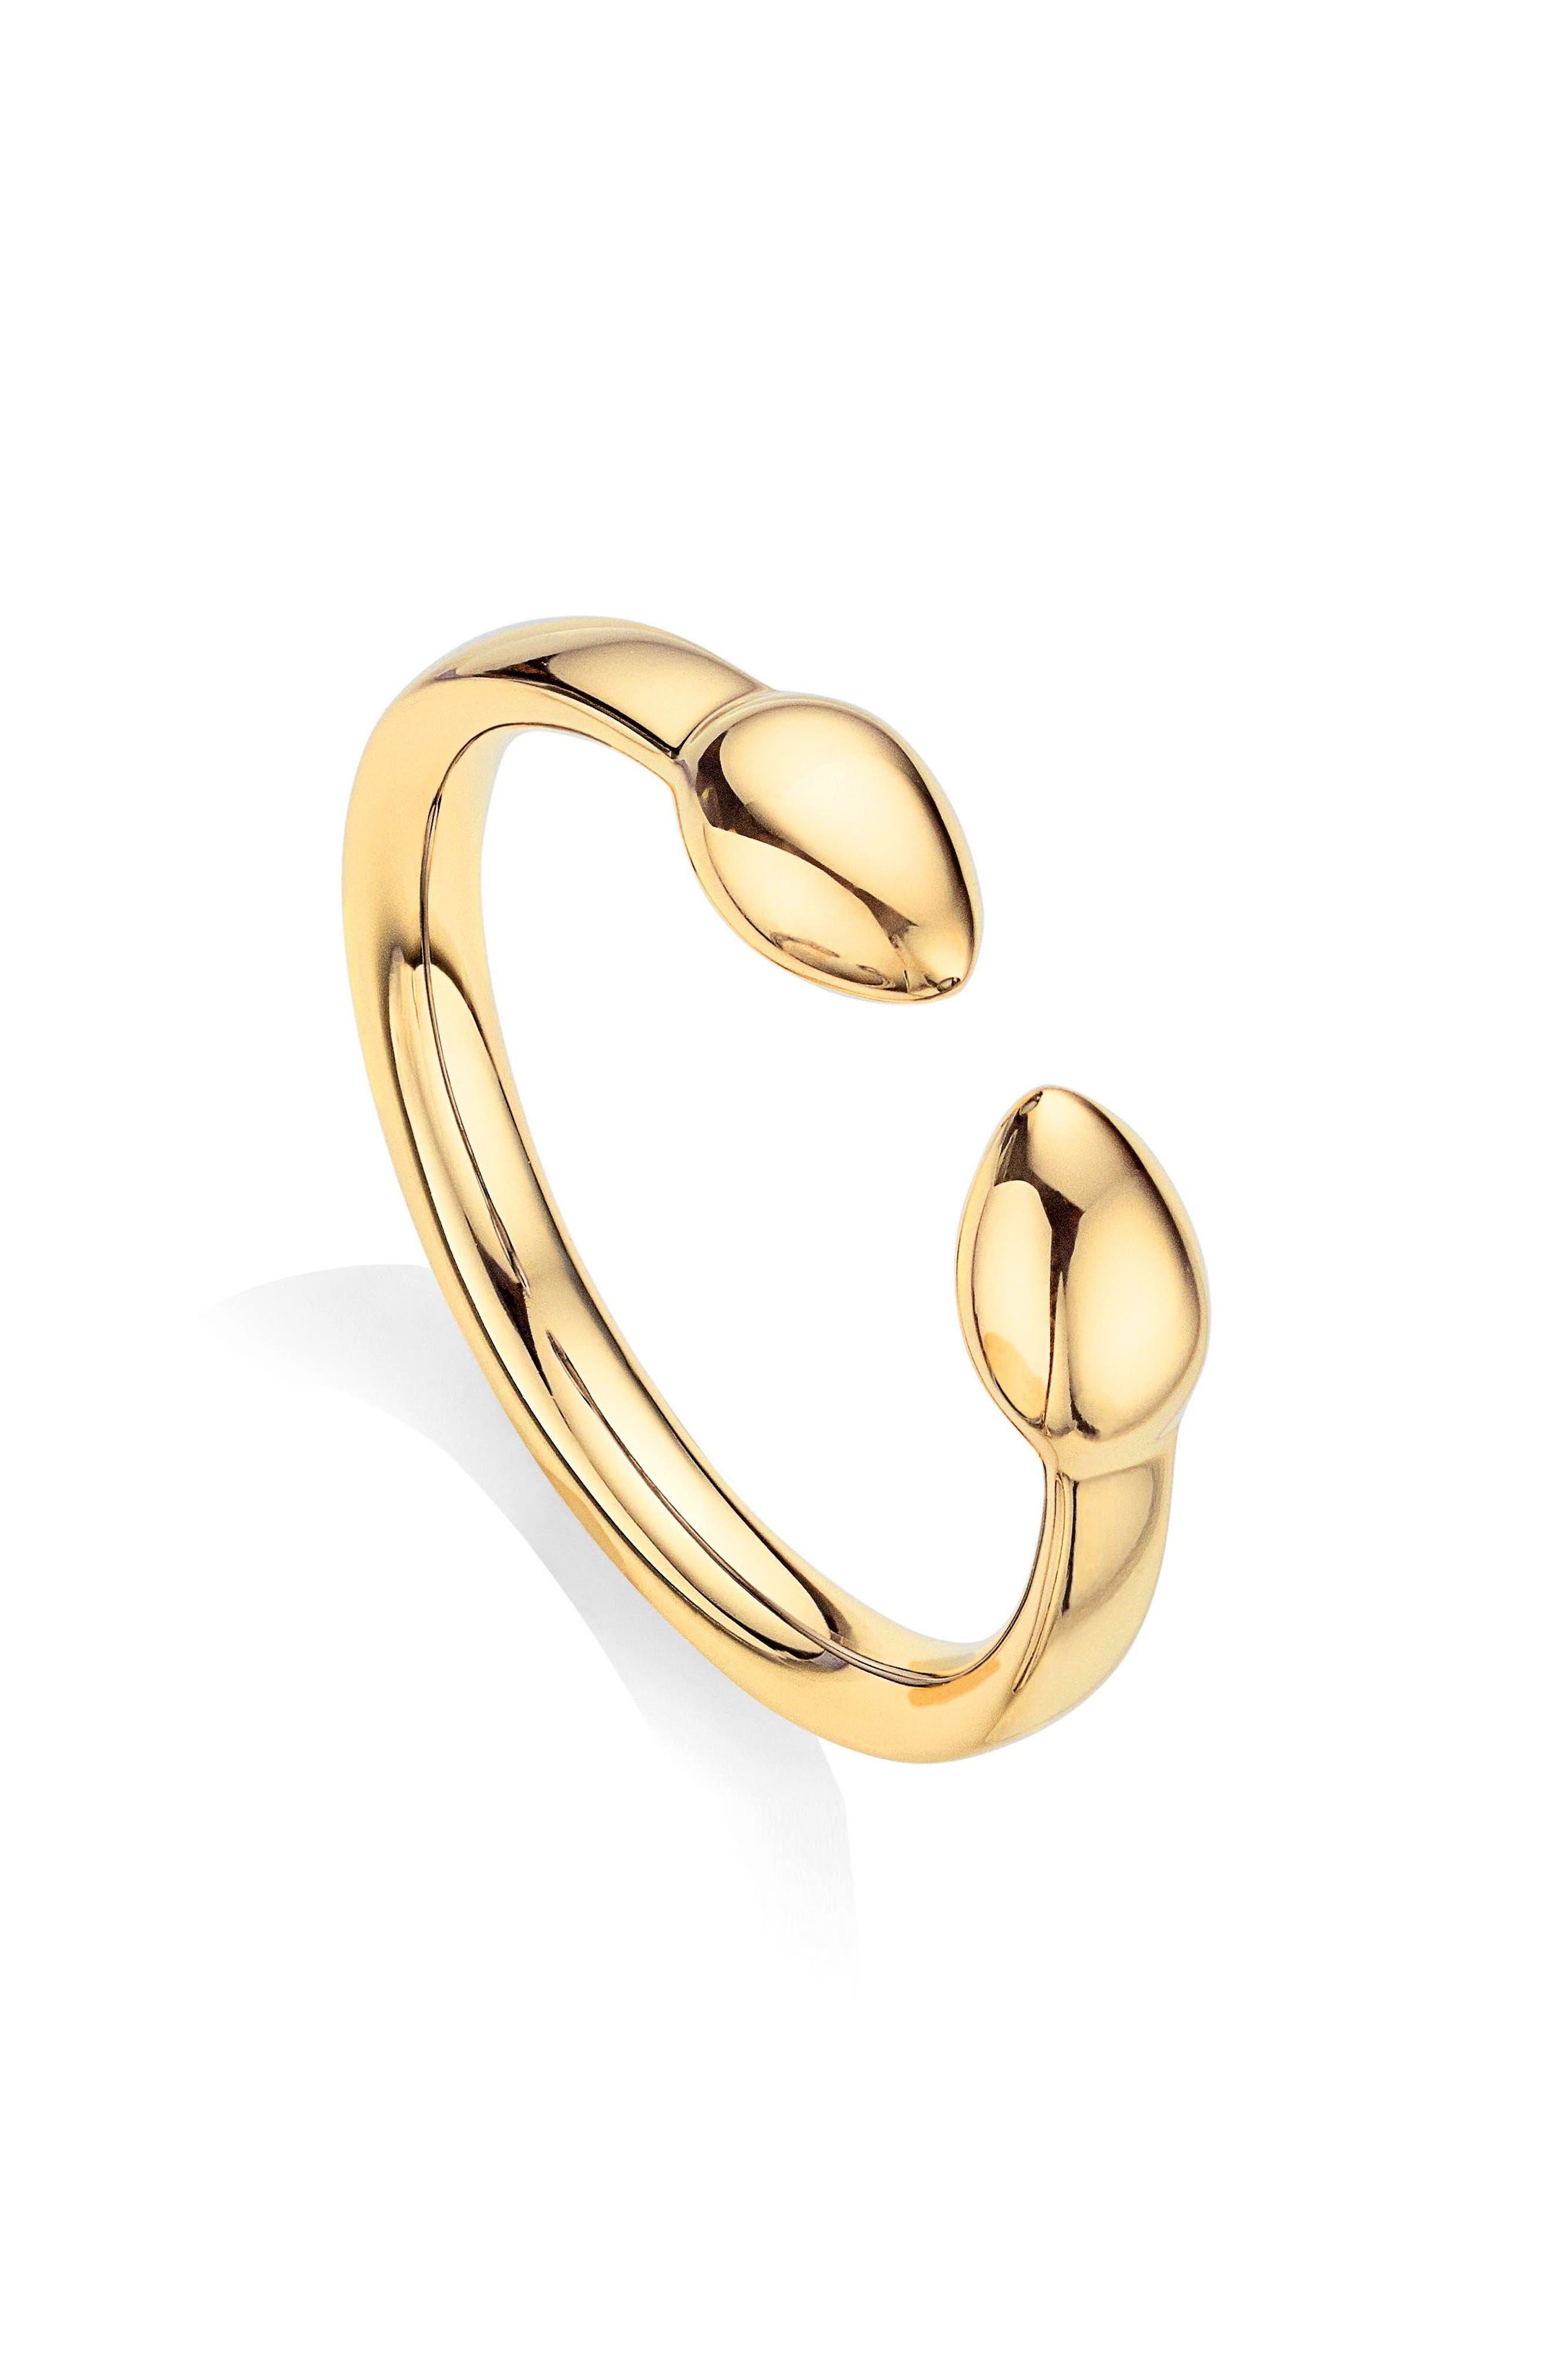 Fiji Bud Ring,                             Main thumbnail 1, color,                             GOLD